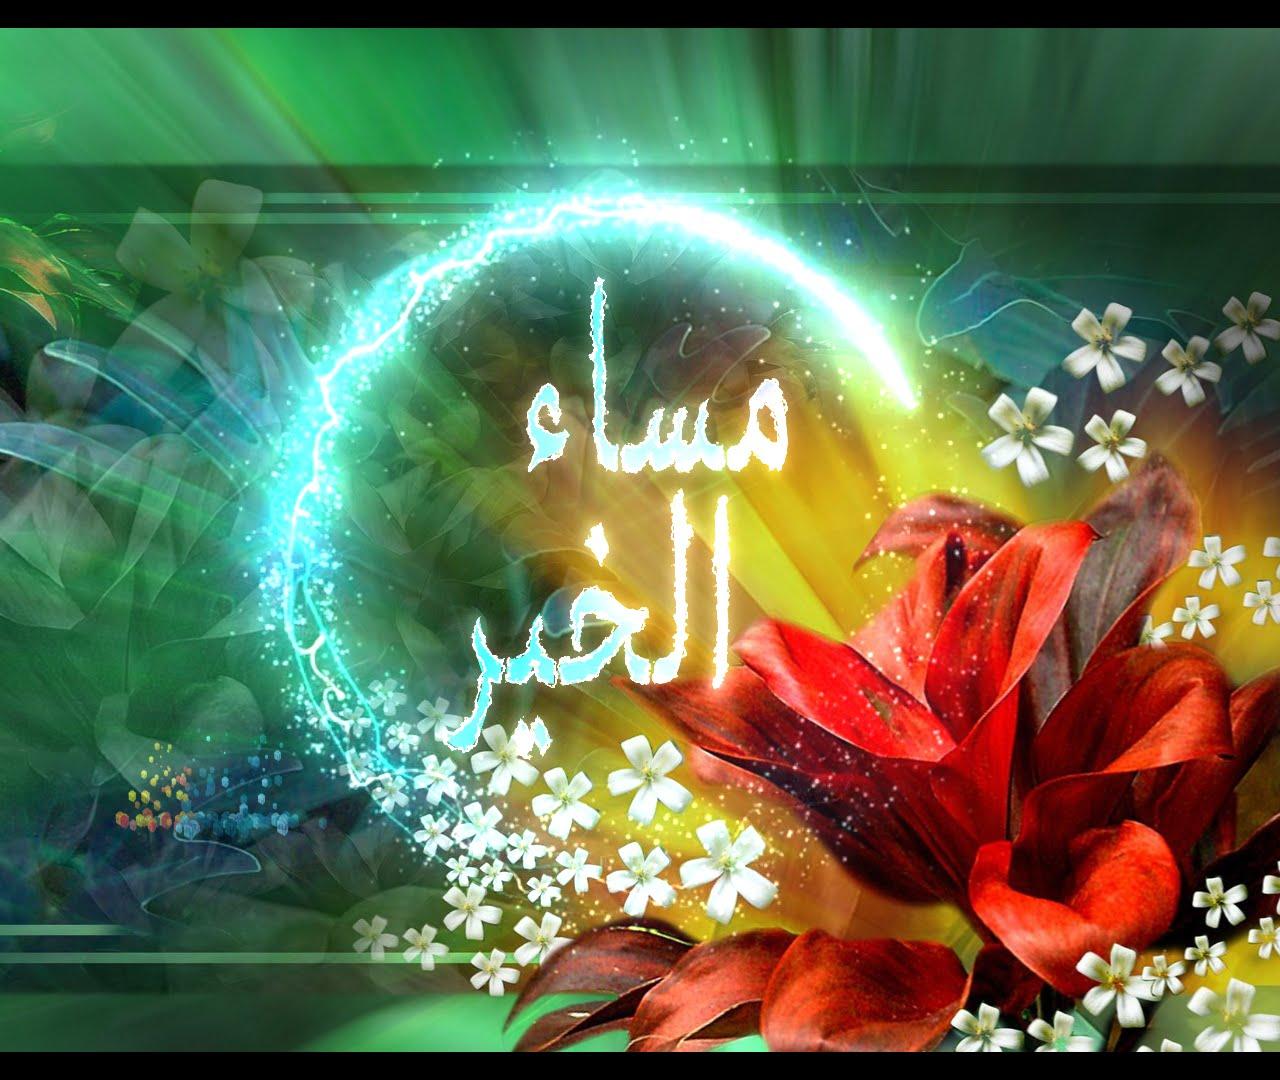 بالصور بطاقات مساء الخير , تحيات امرنا الاسلام بالحرص عليها 1501